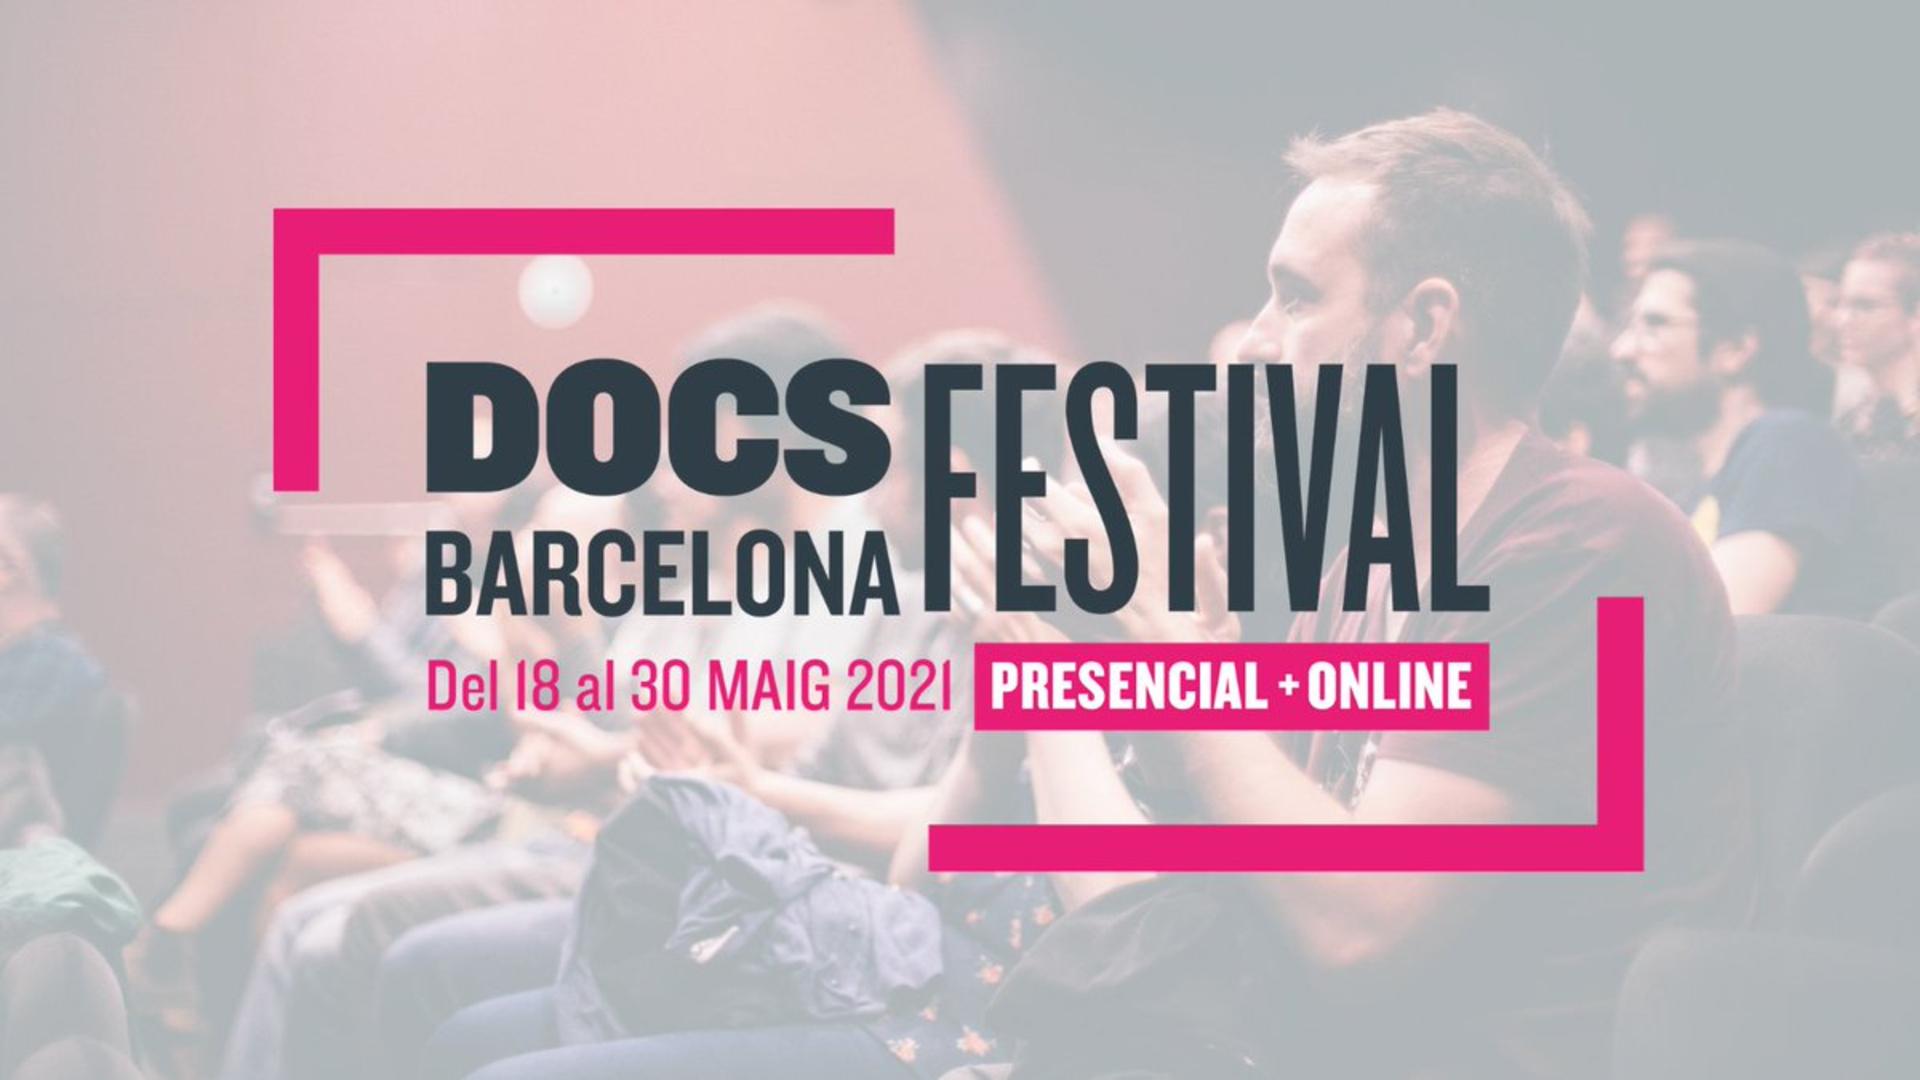 DocsBarcelona organitza un taller de postproducció de teasers i consultories artístiques per a projectes en primera fase d'edició